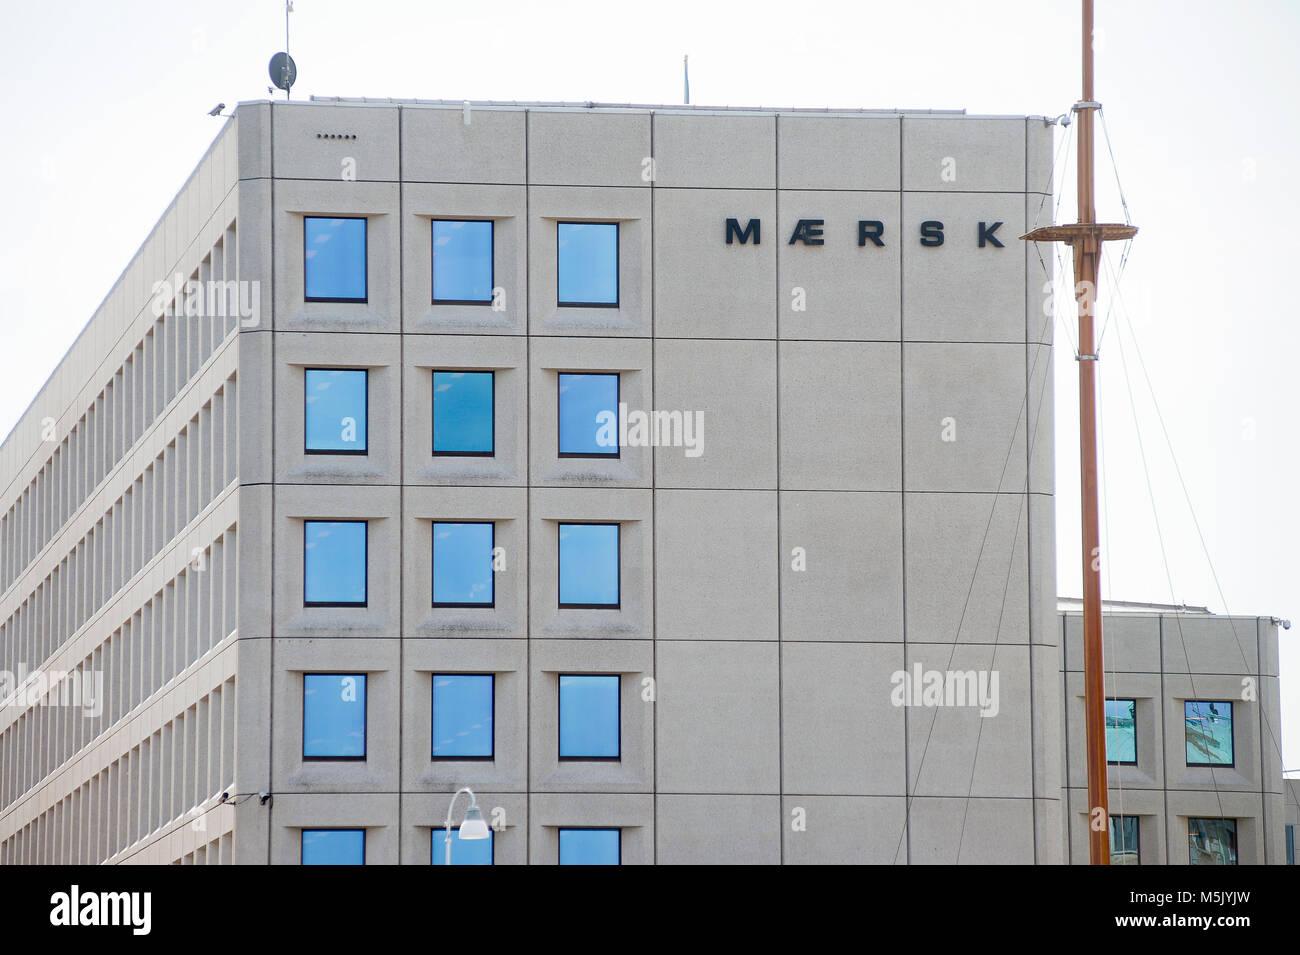 Siège d'A.P. Moller Maersk-Group, conglomérat d'affaires danois en transport, logistique et secteur de l'énergie, l'un des plus grands porte-conteneurs ope Banque D'Images